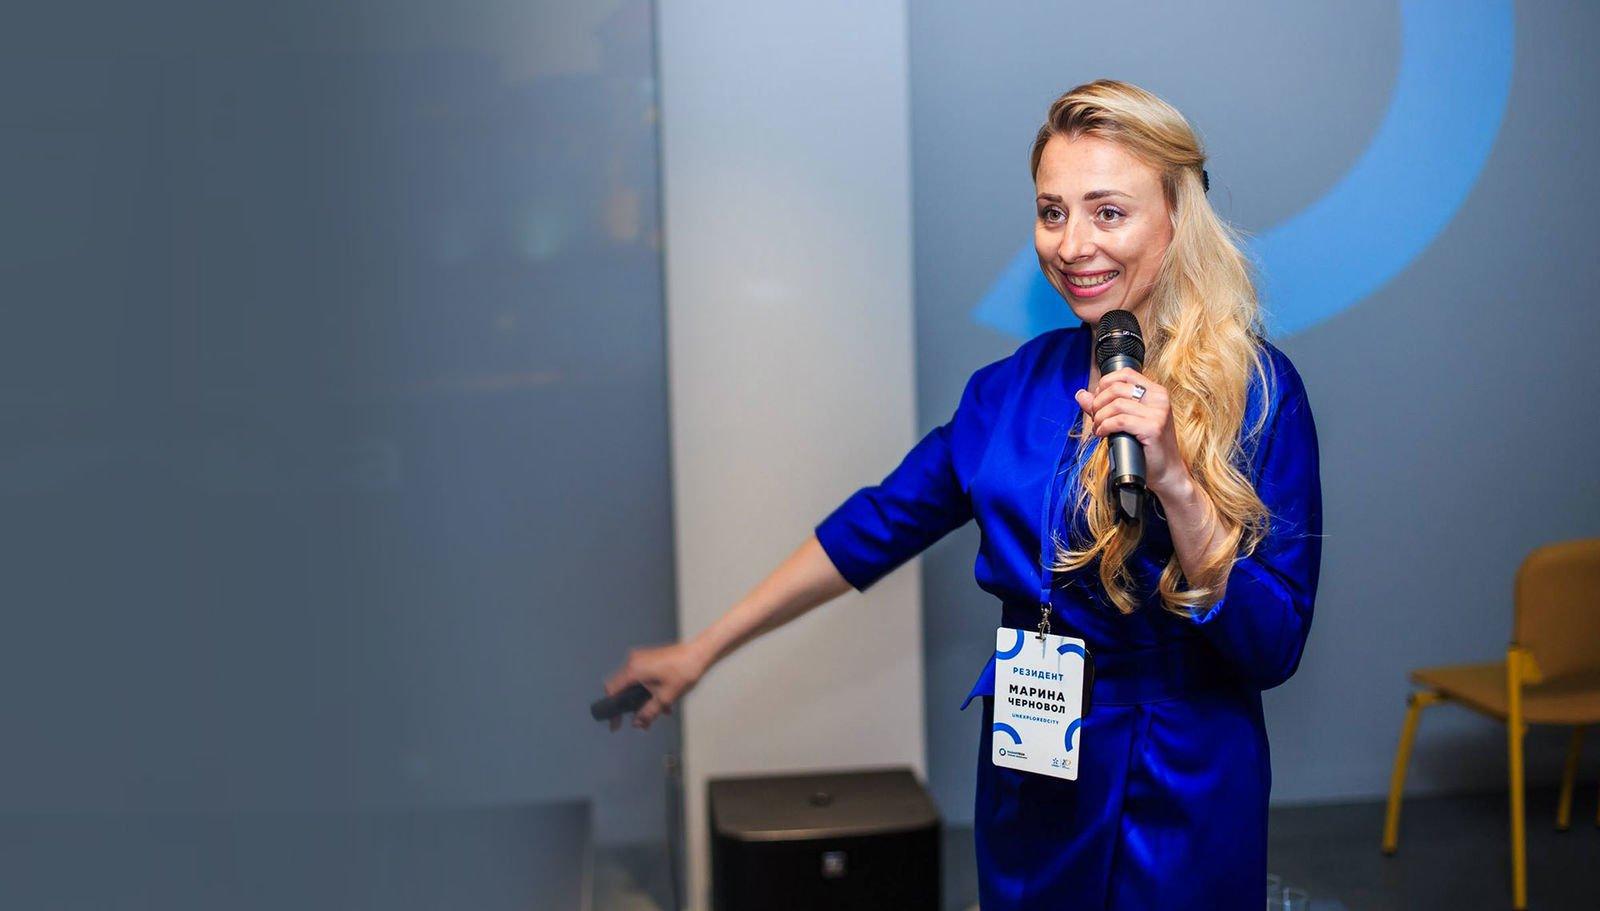 Екскурсовод у смартфоні. Як легко спланувати подорож Україною, автор Анджела Затаверн | Kyivstar Business Hub, зображення №5